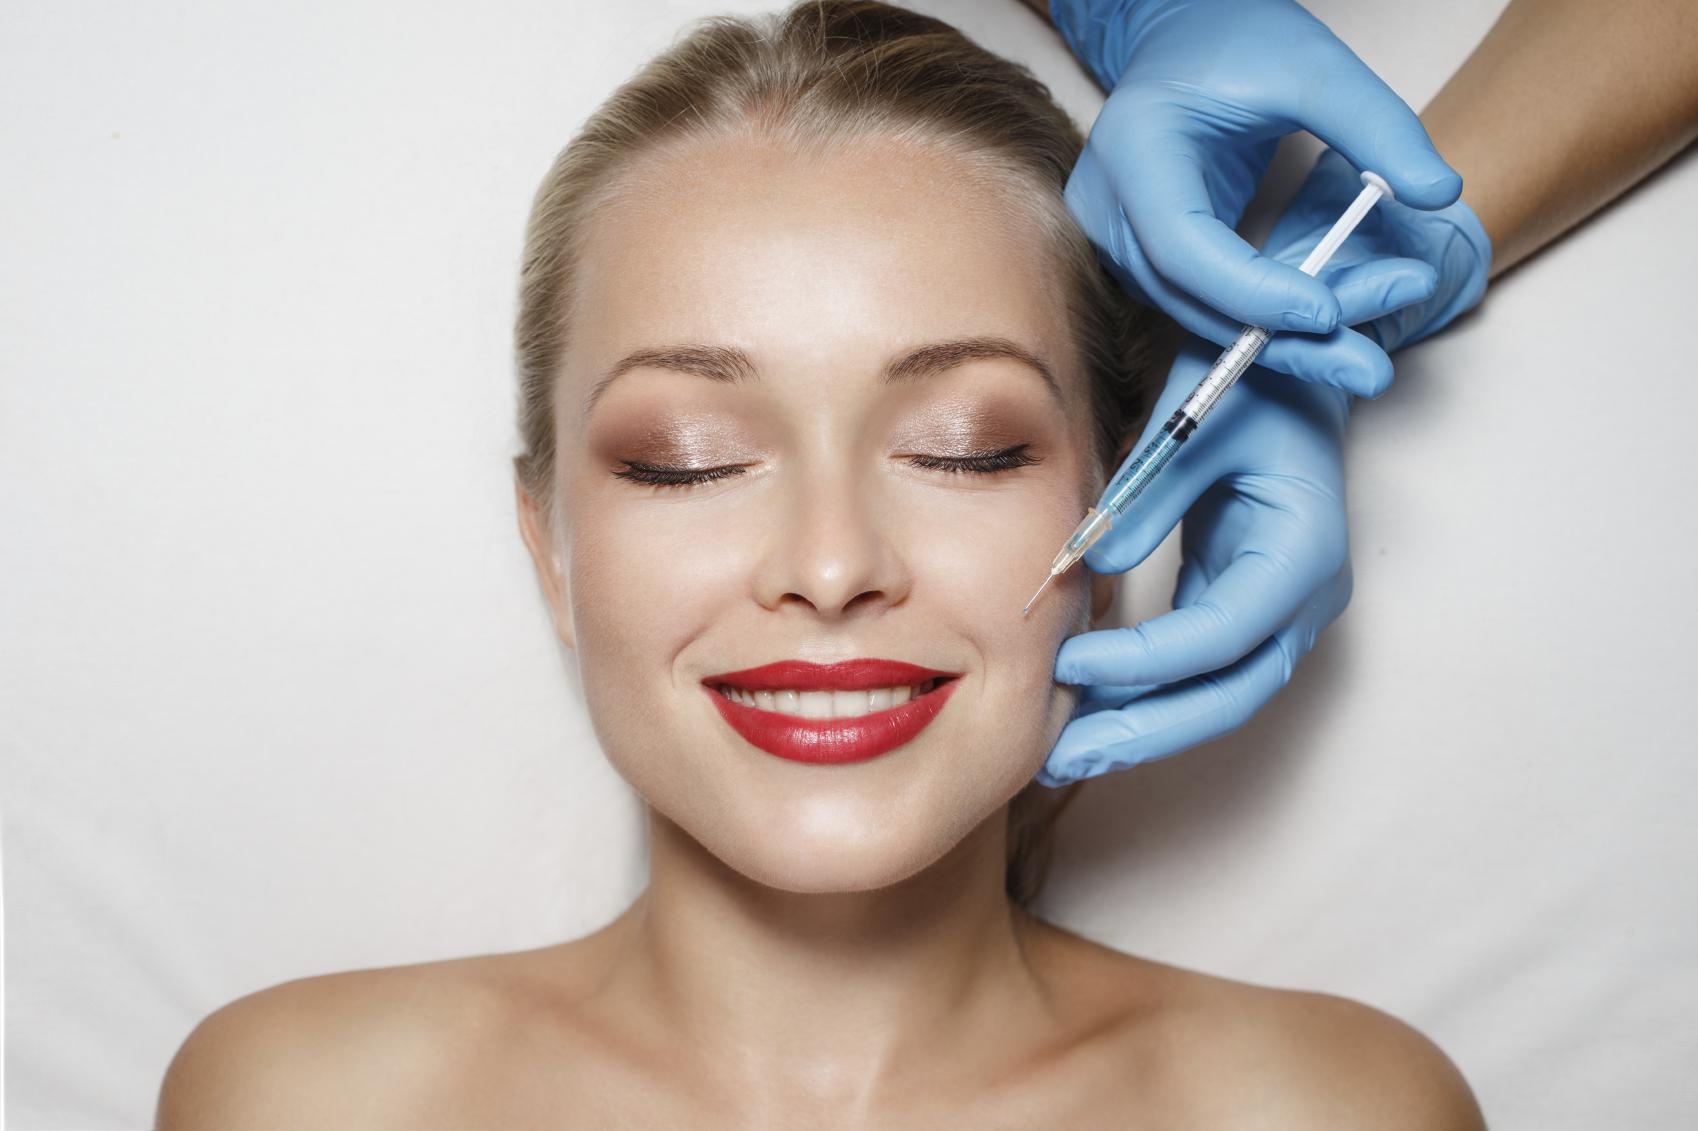 برامج التجميل - اكتشف سر جمال الكوريات من أجود عيادات التجميل في كوريا الجنوبية. عنايات متنوعة لبشرة الوجه، زراعة الشعر، العناية بالخلايا الجذعية، عمليات تجميلية.